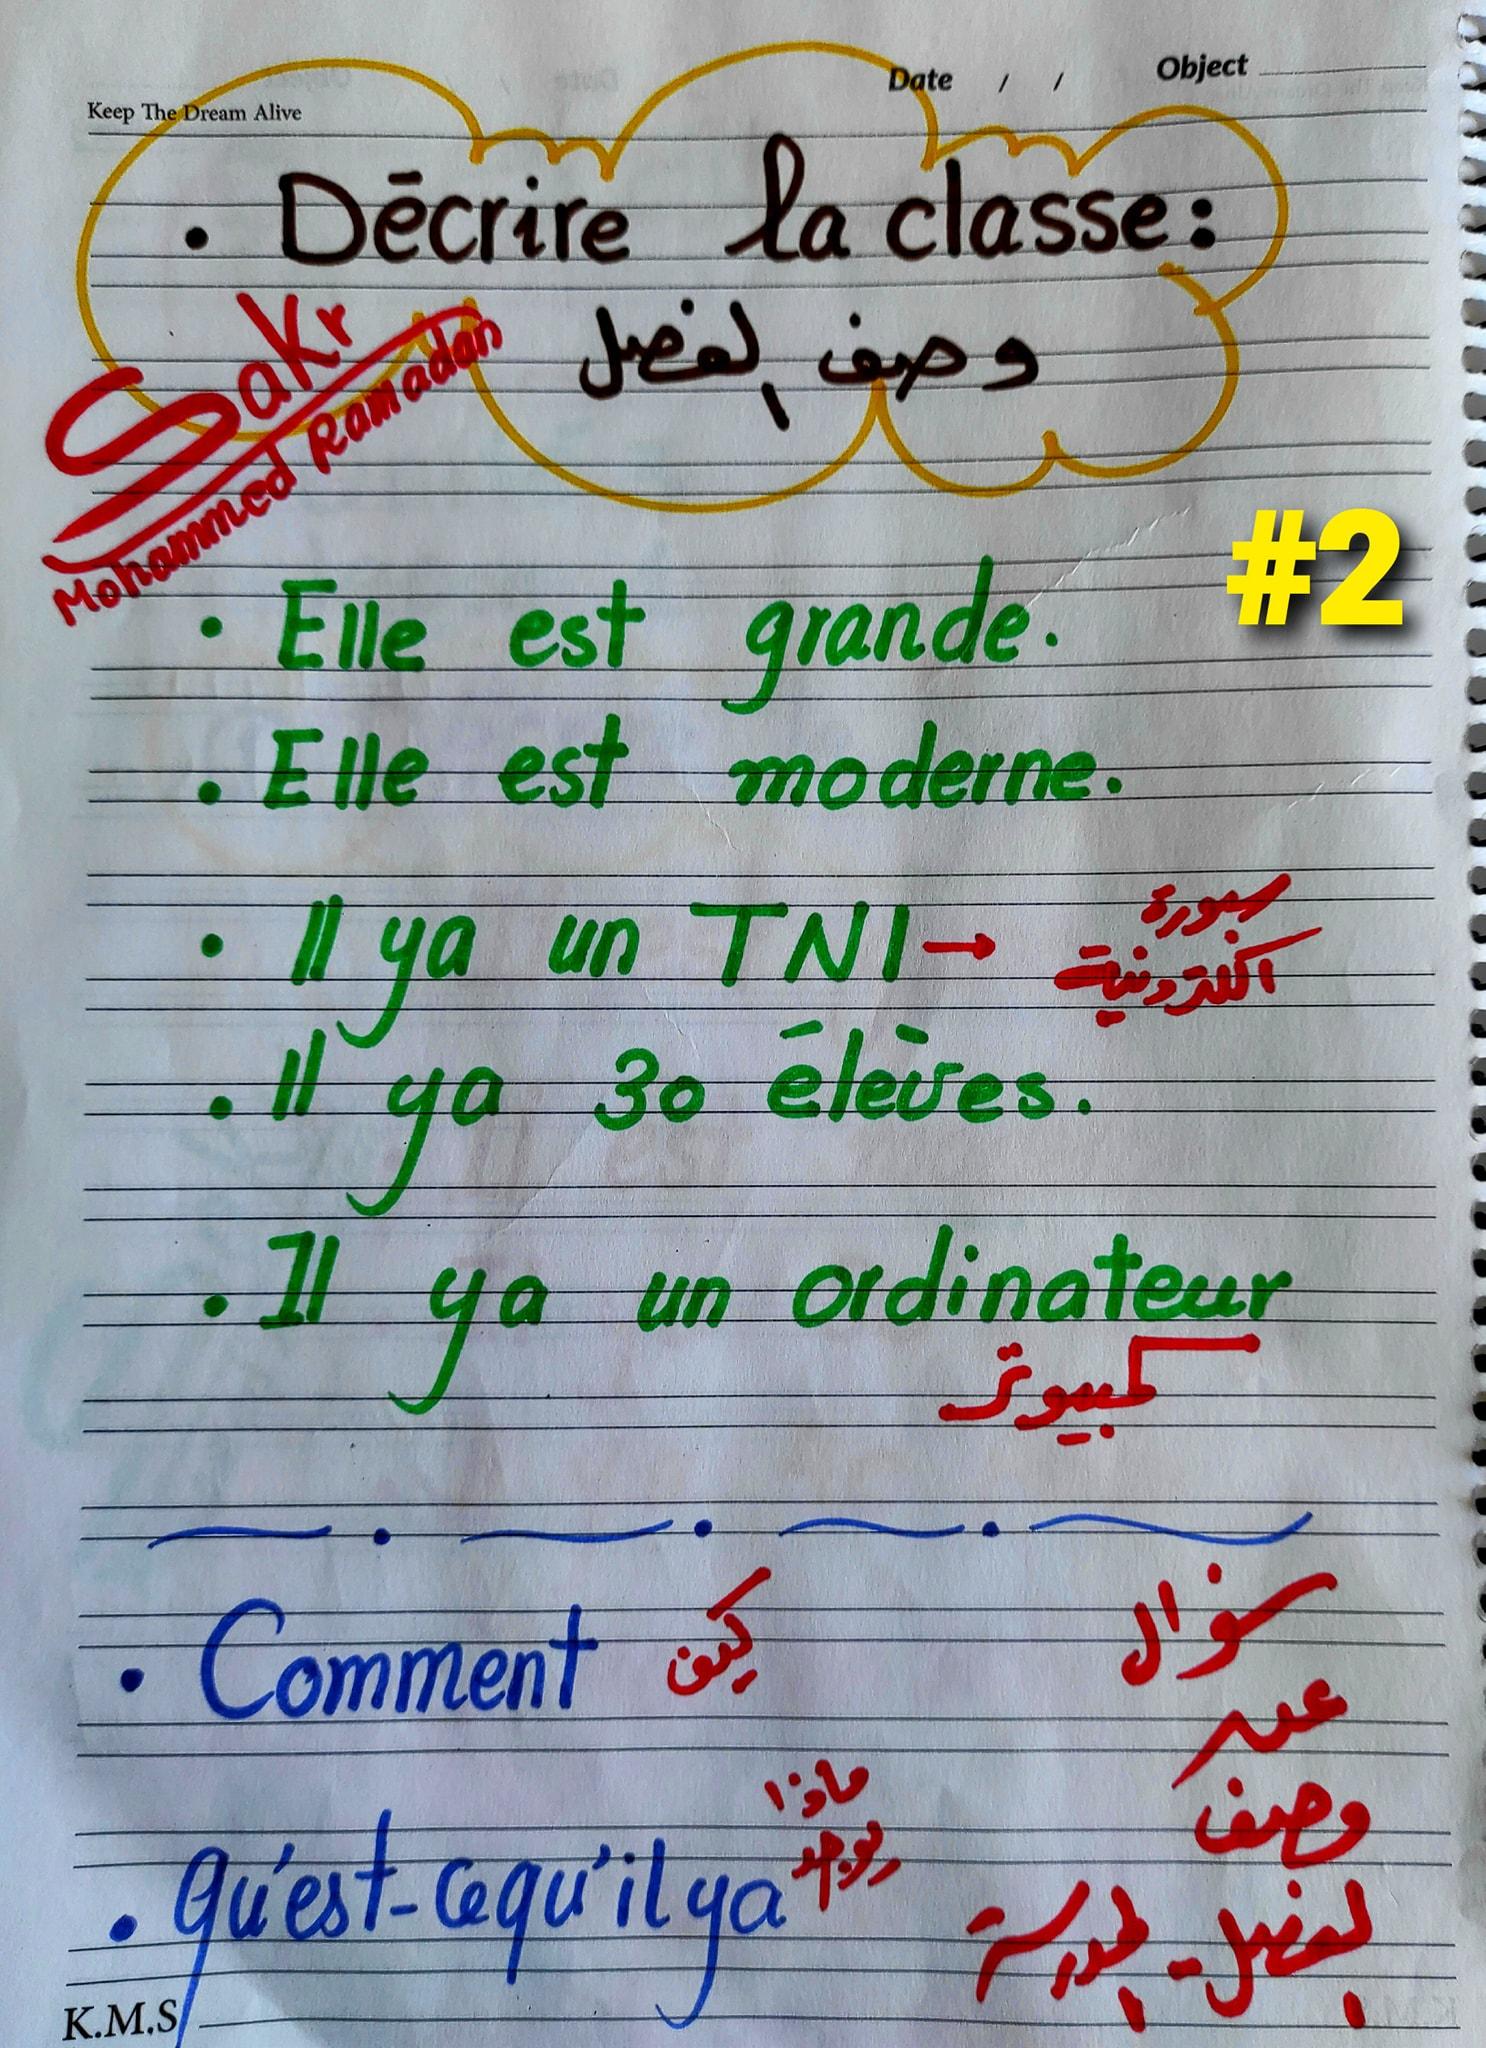 مراجعة شاملة لغة فرنسية للصف الاول الثانوي ترم ثاني.. أهم الكلمات والقواعد و 200 سؤال مجاب  1